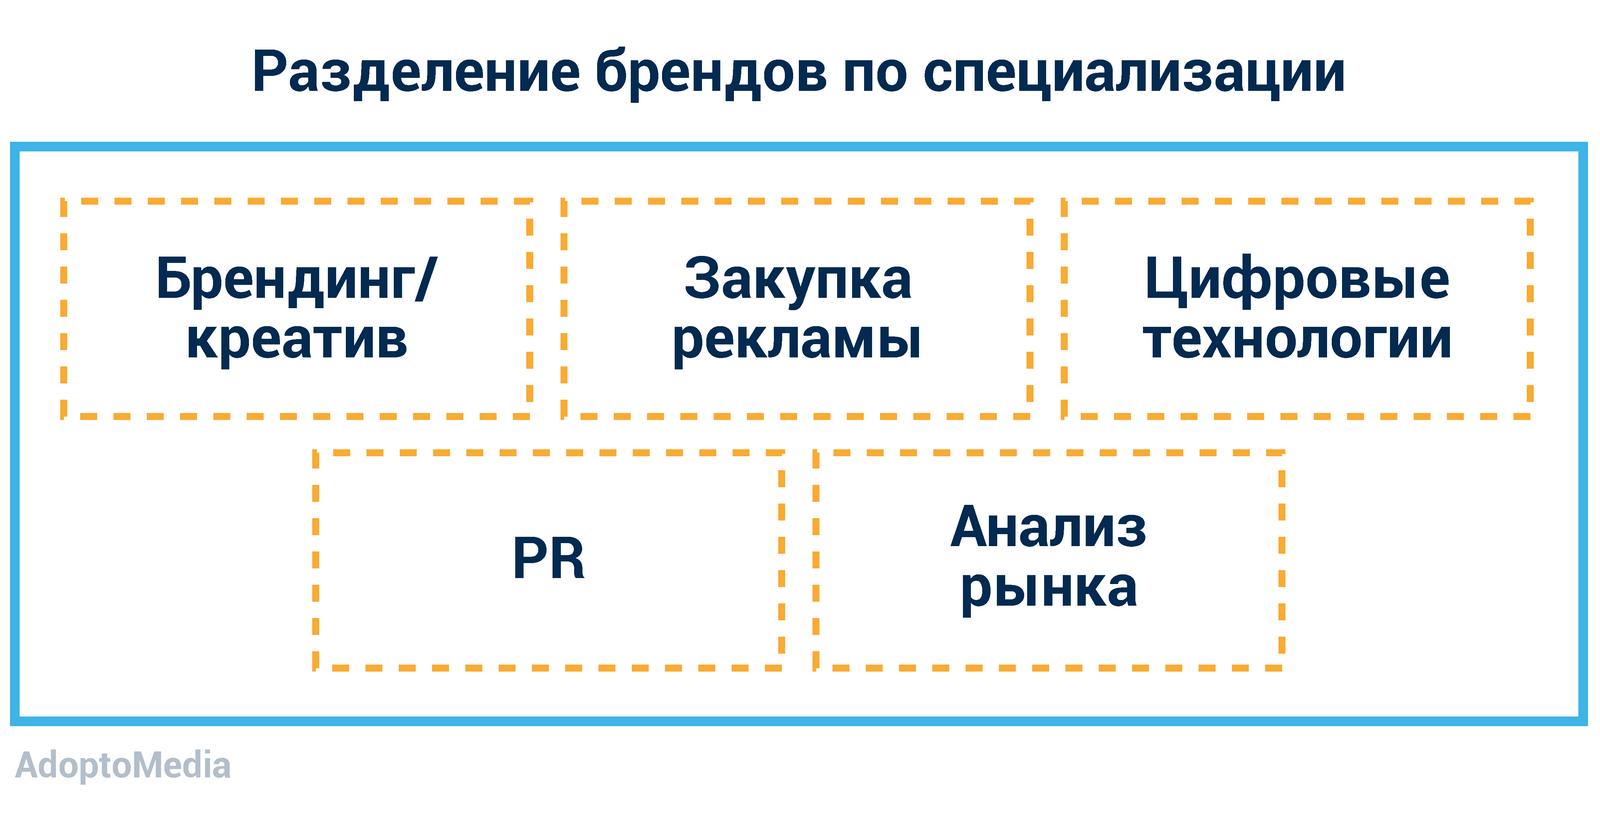 маркетинговое агентство, эффективное маркетинговое агентство, интеграция маркетинговых агентств, проблемы маркетингового агентства, модель, ориентированная на бренд